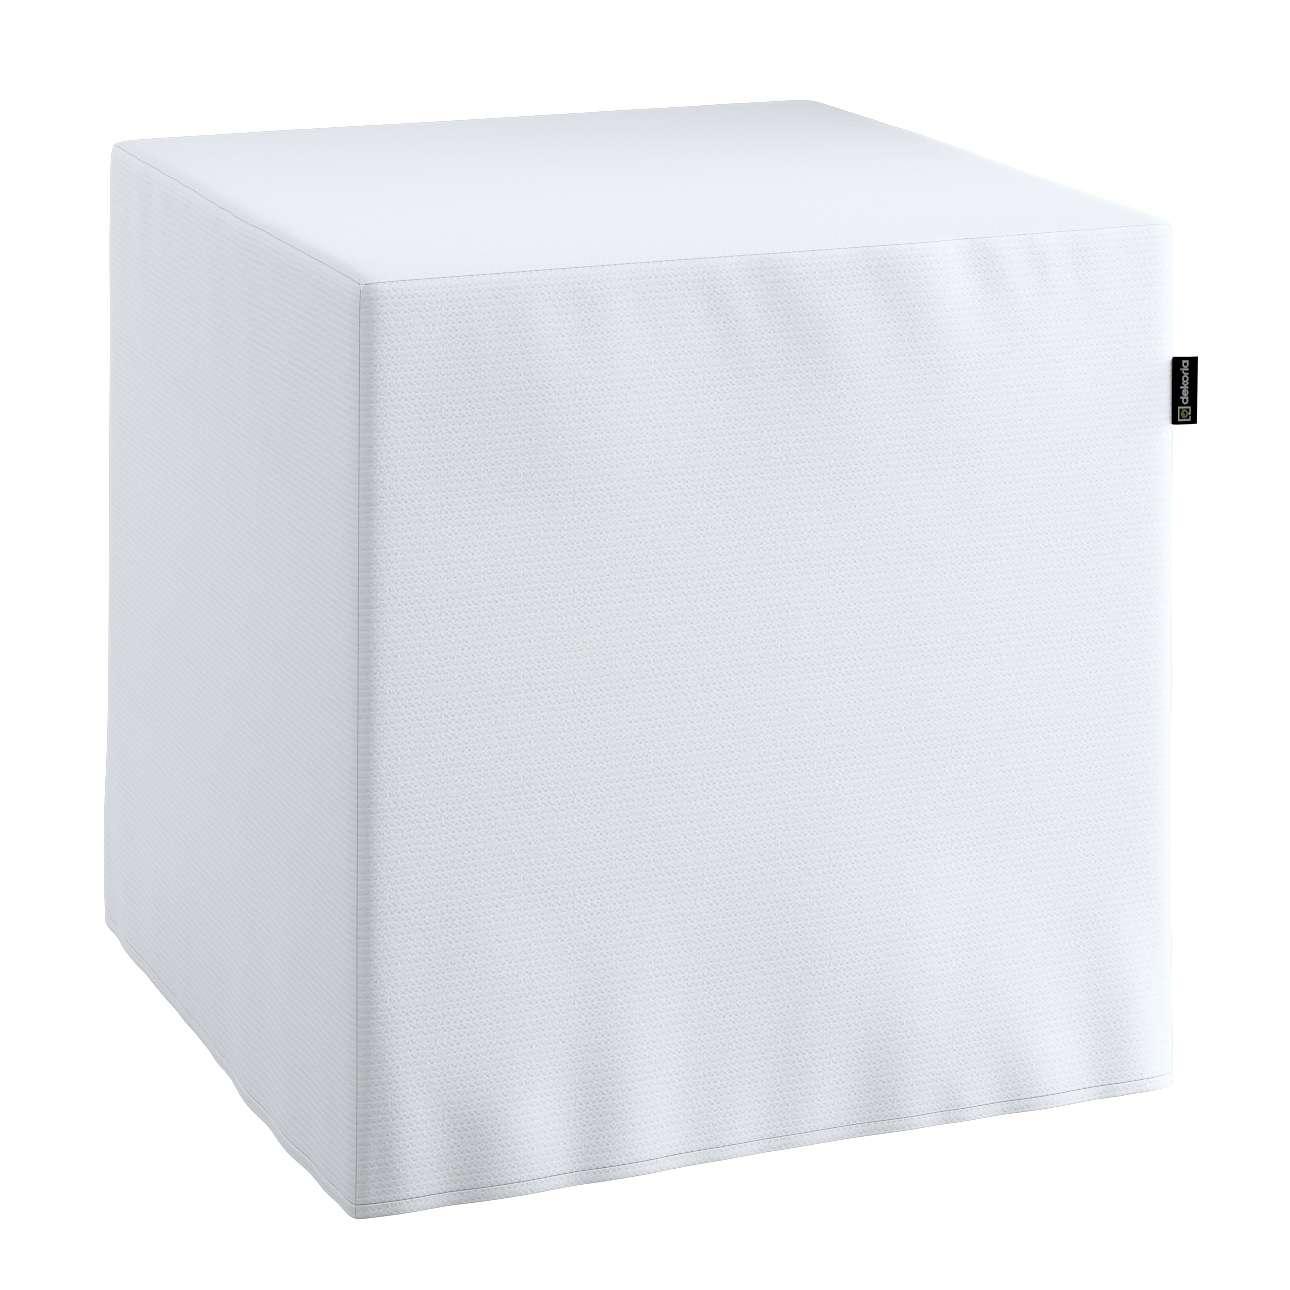 Pokrowiec na pufę kostke kostka 40x40x40 cm w kolekcji Jupiter, tkanina: 127-01